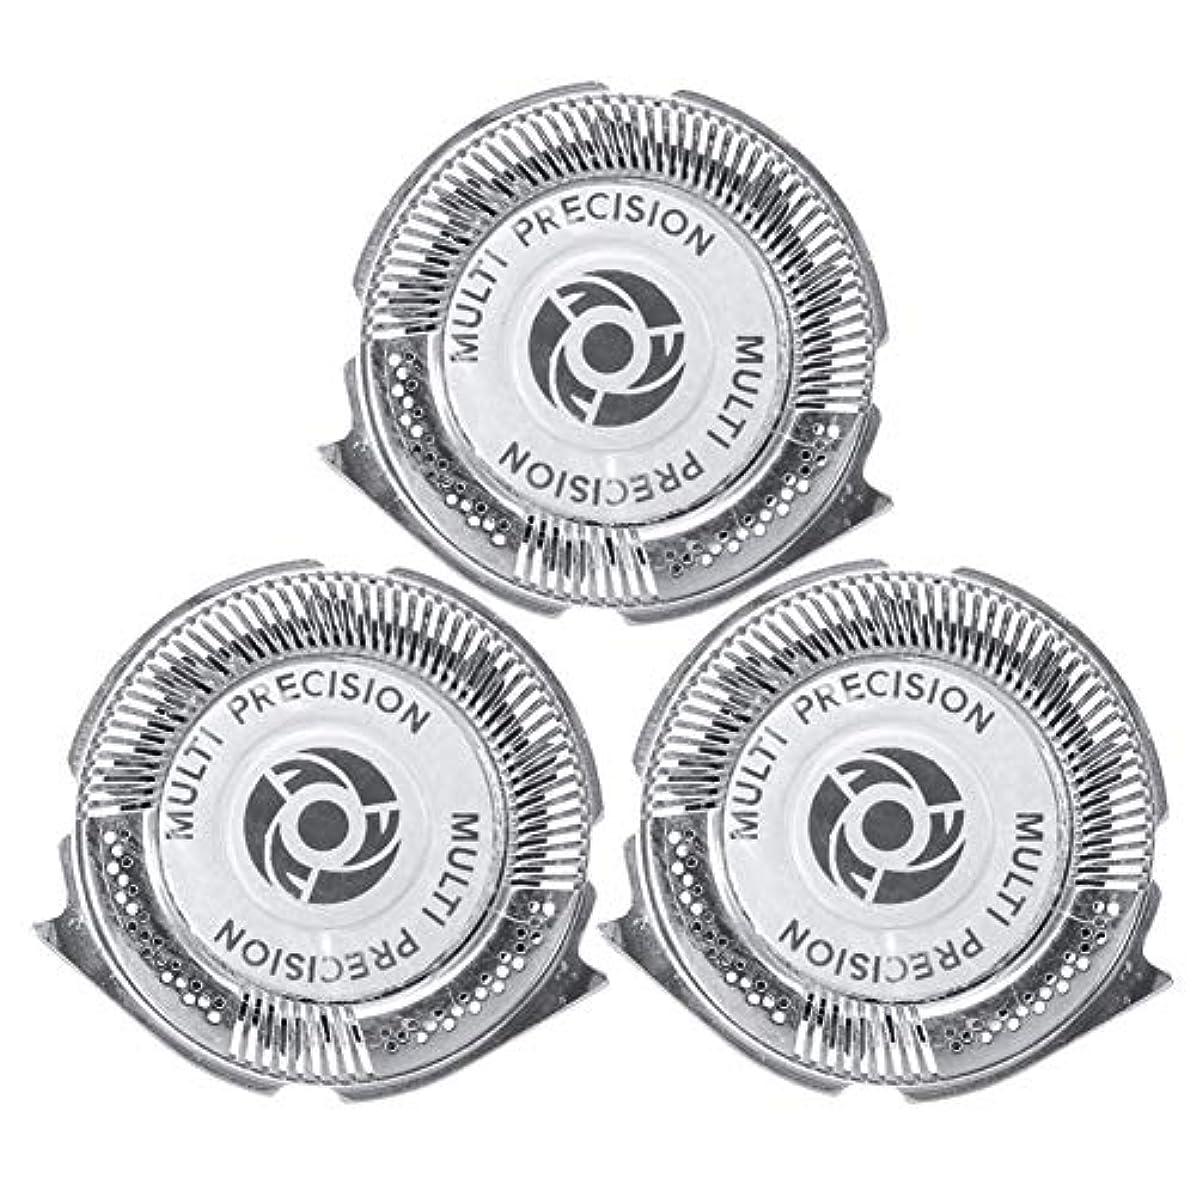 シェーバー 替刃 替え刃 カミソリ ヘッド 3頭のヘッド 交換用替刃 替刃3個入り フィリップス5000シリーズ SH50/51/52 HQ8に適用